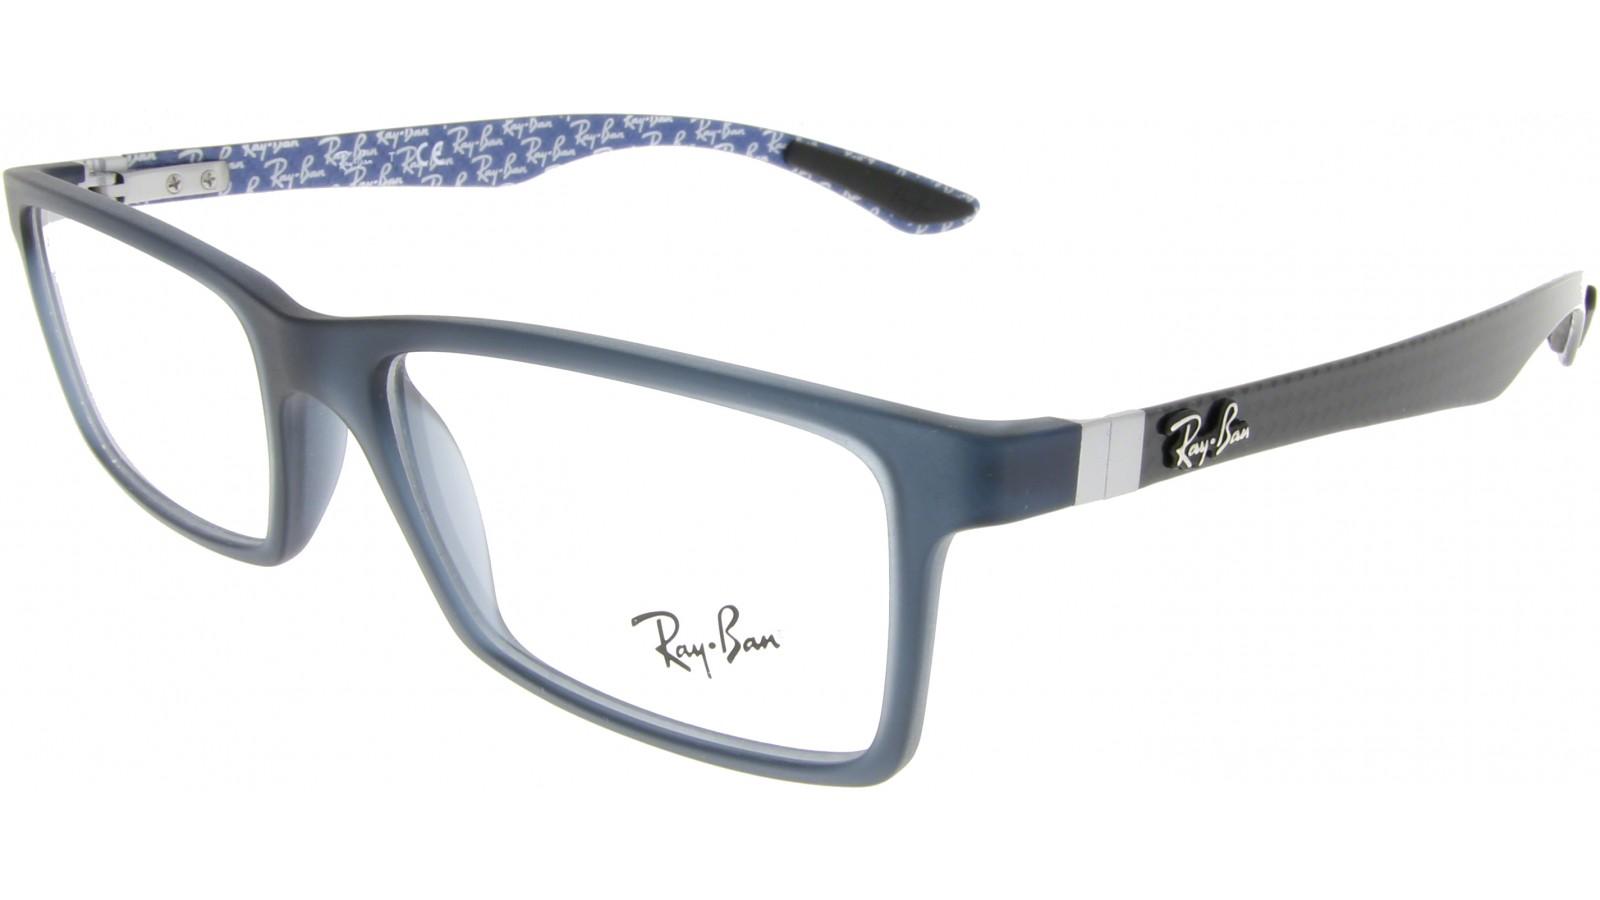 ersatzbügel für ray ban sonnenbrillen